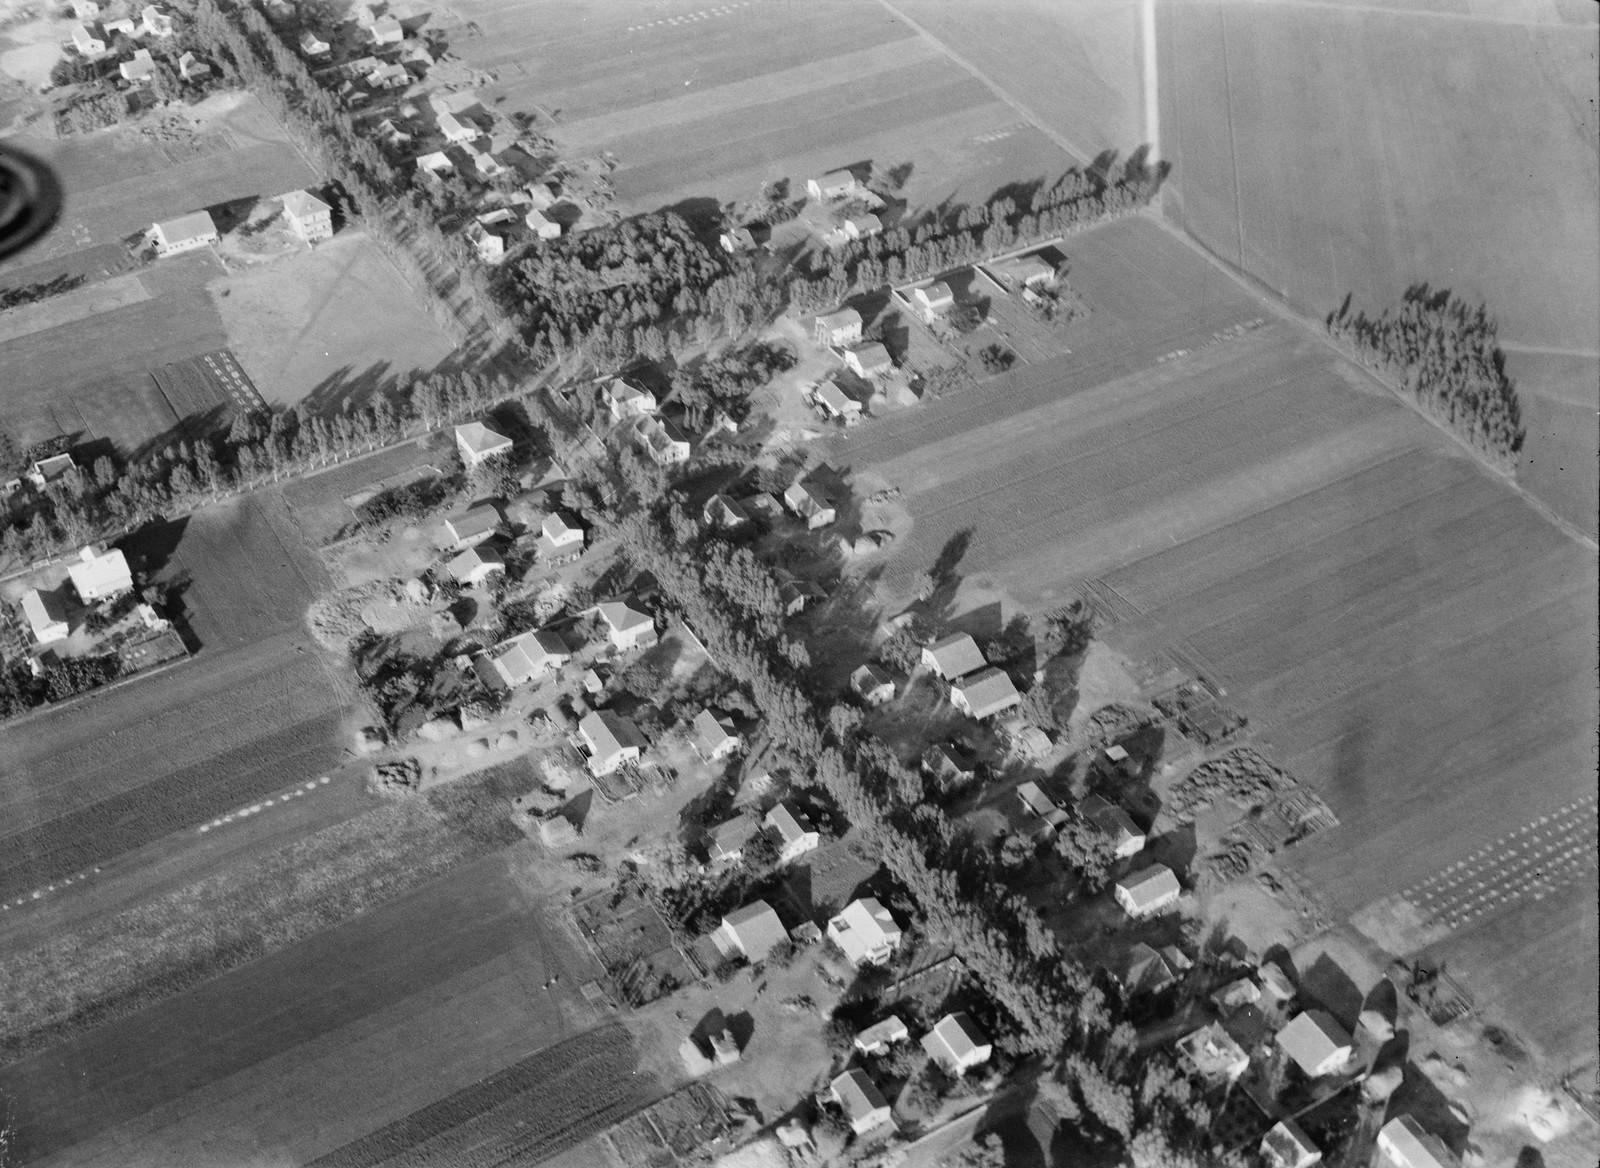 09. Вильгельма. Немецкое поселение  в Шаронской долине